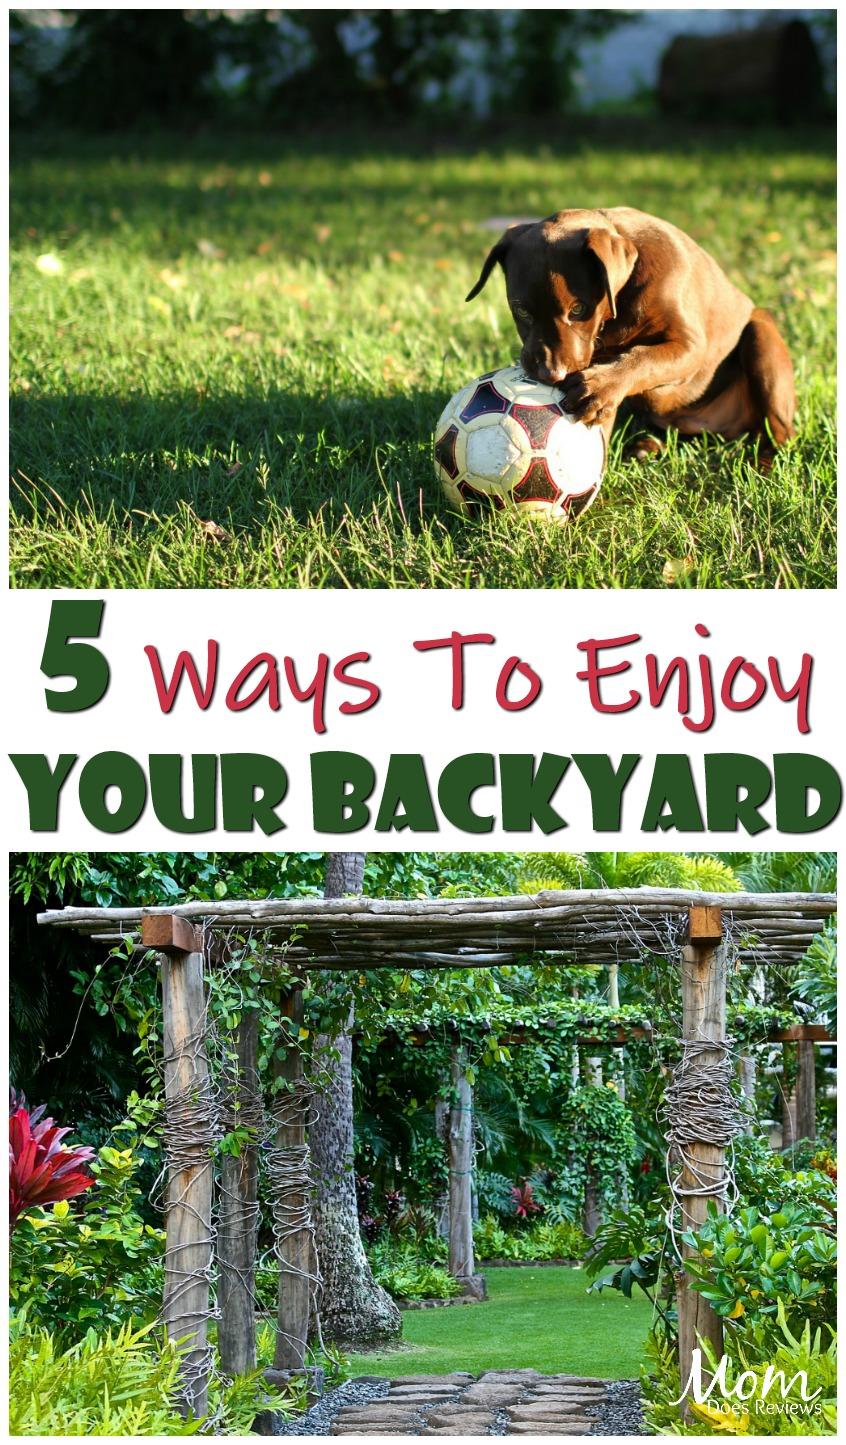 5 Ways To Enjoy Your Backyard #home #backyard #fun #familyfun